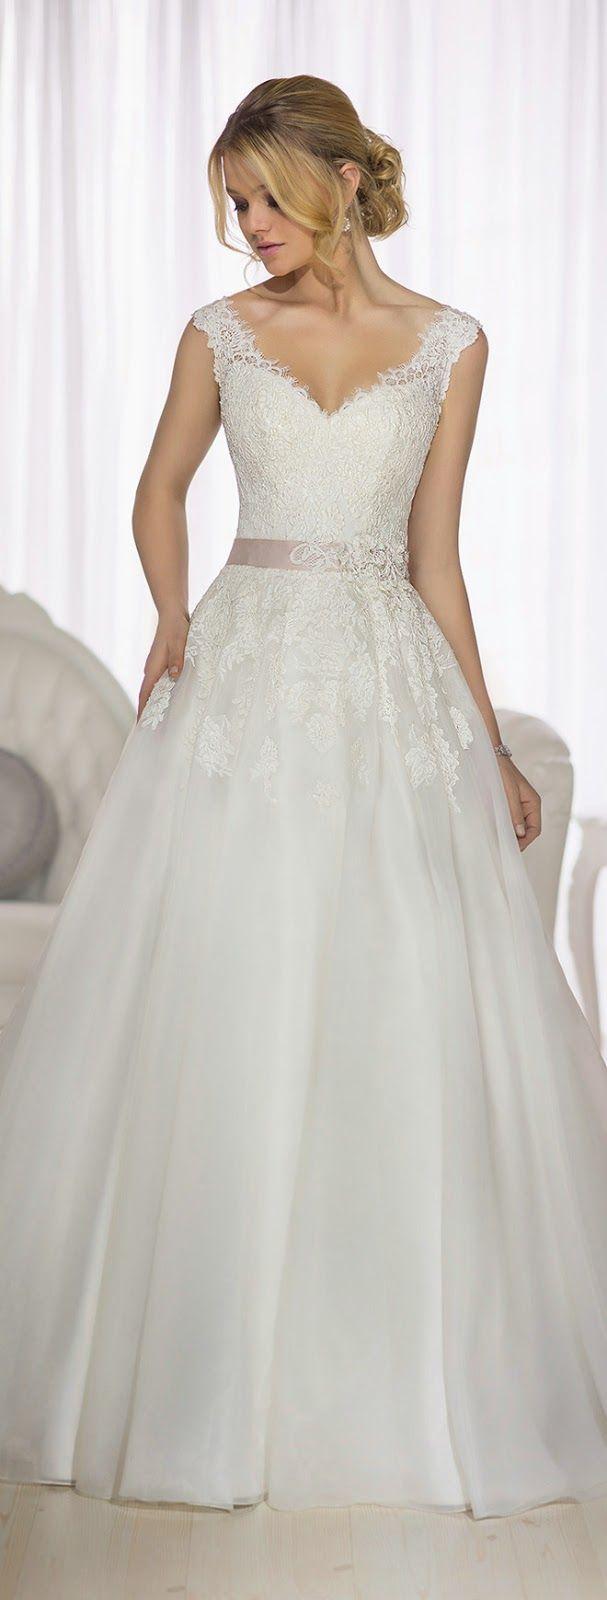 Petite dresses with sleeves for weddings  Preciosos Vestidos de Novia Essense of Australia  Primavera